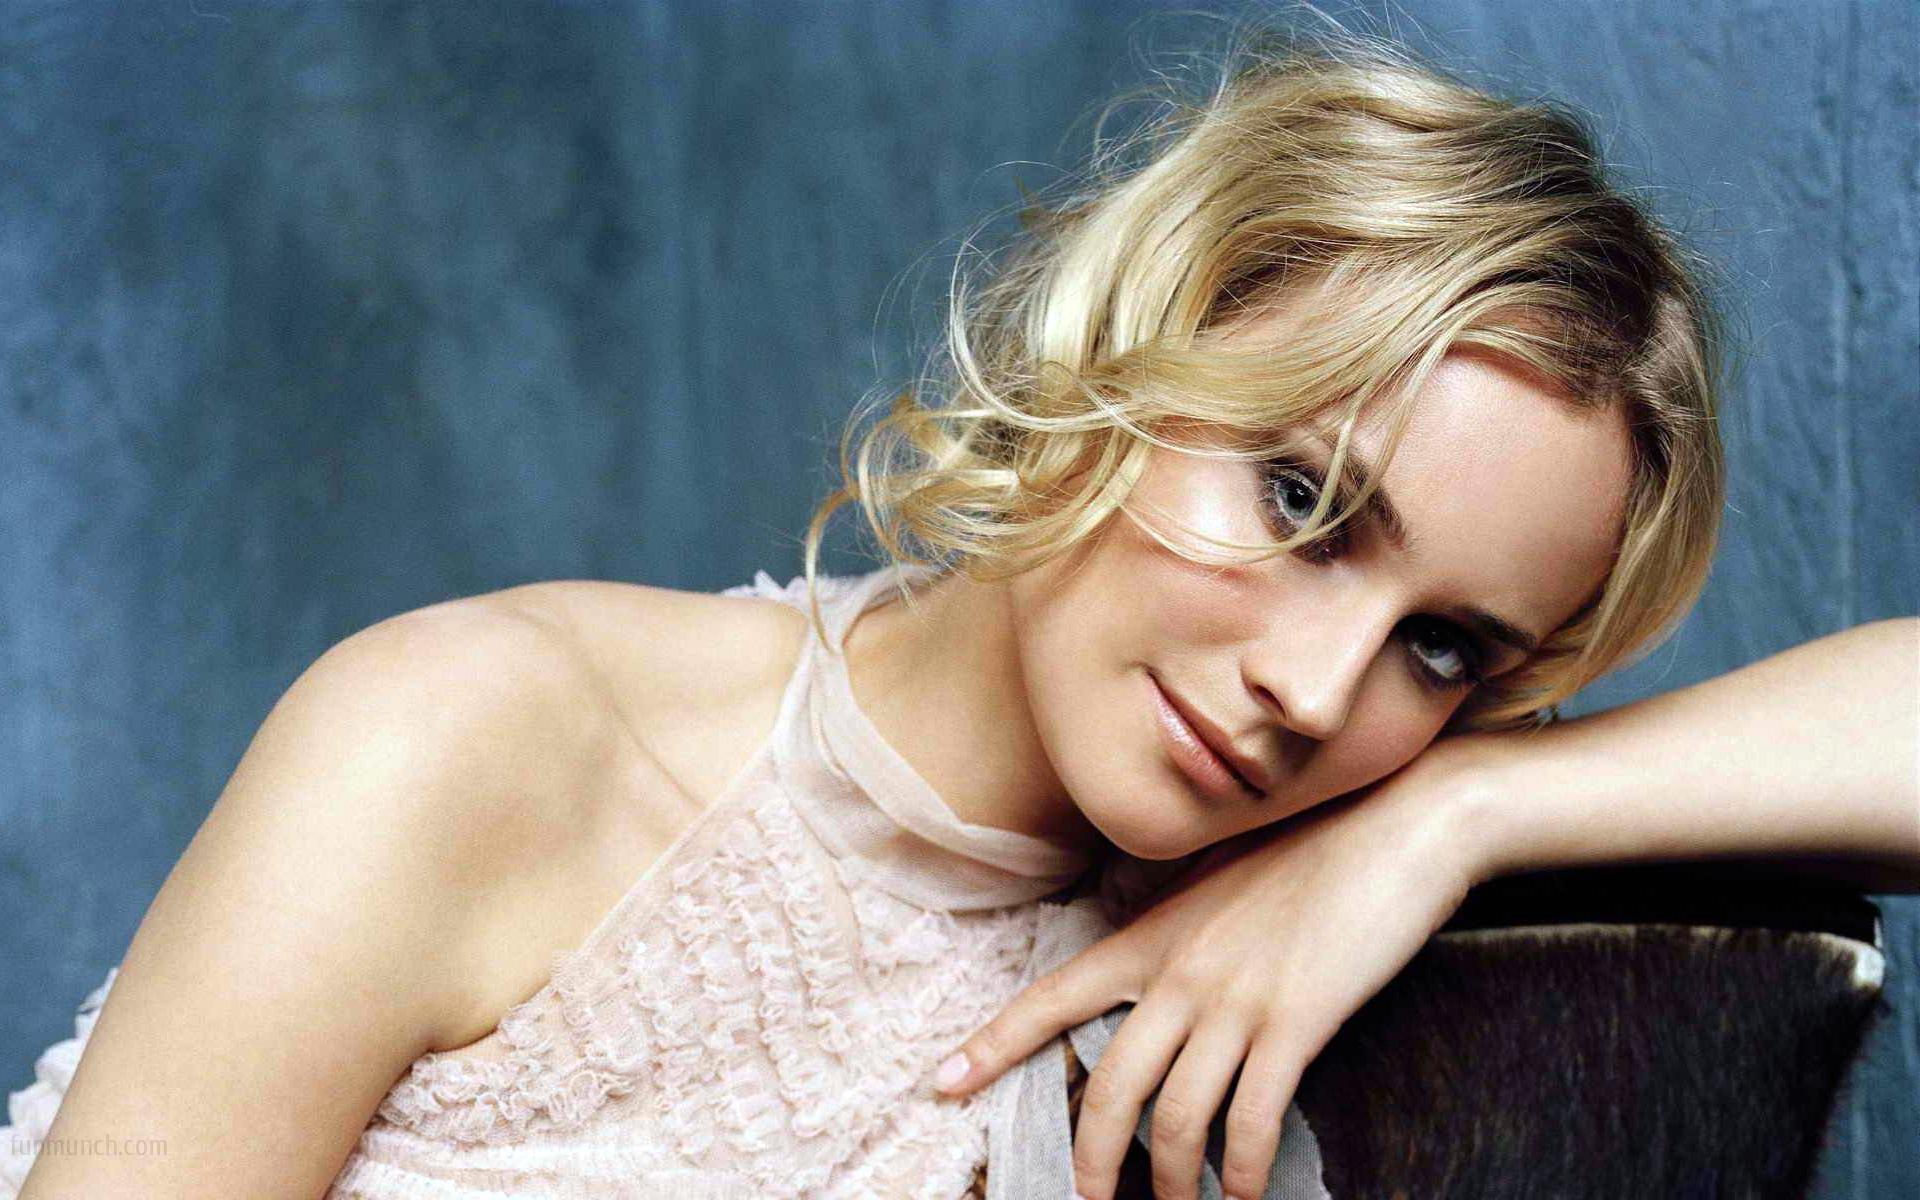 Diane Kruger Download Free Backgrounds HD